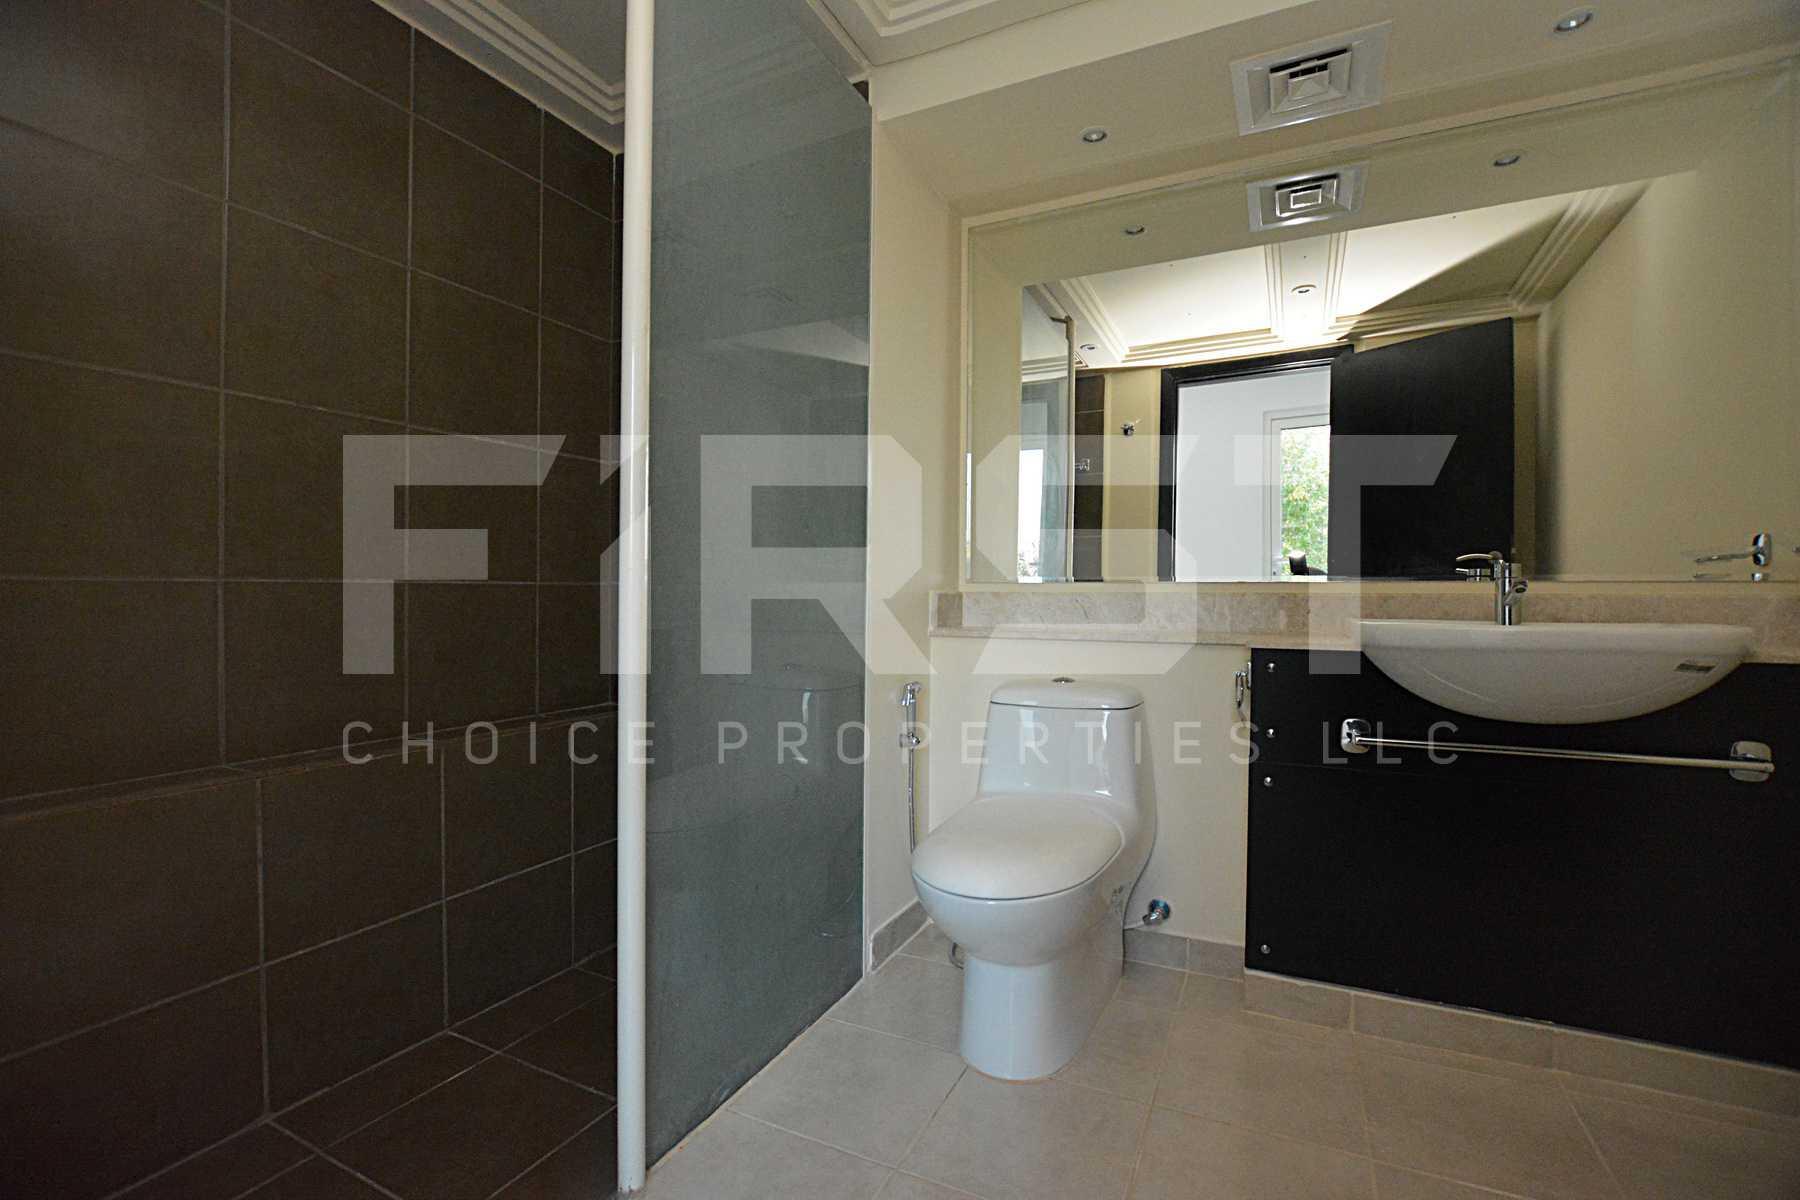 Internal Photo of 5 Bedroom Villa in Al Reef Villas 348.3 sq.m 3749 sq.ft (114).jpg